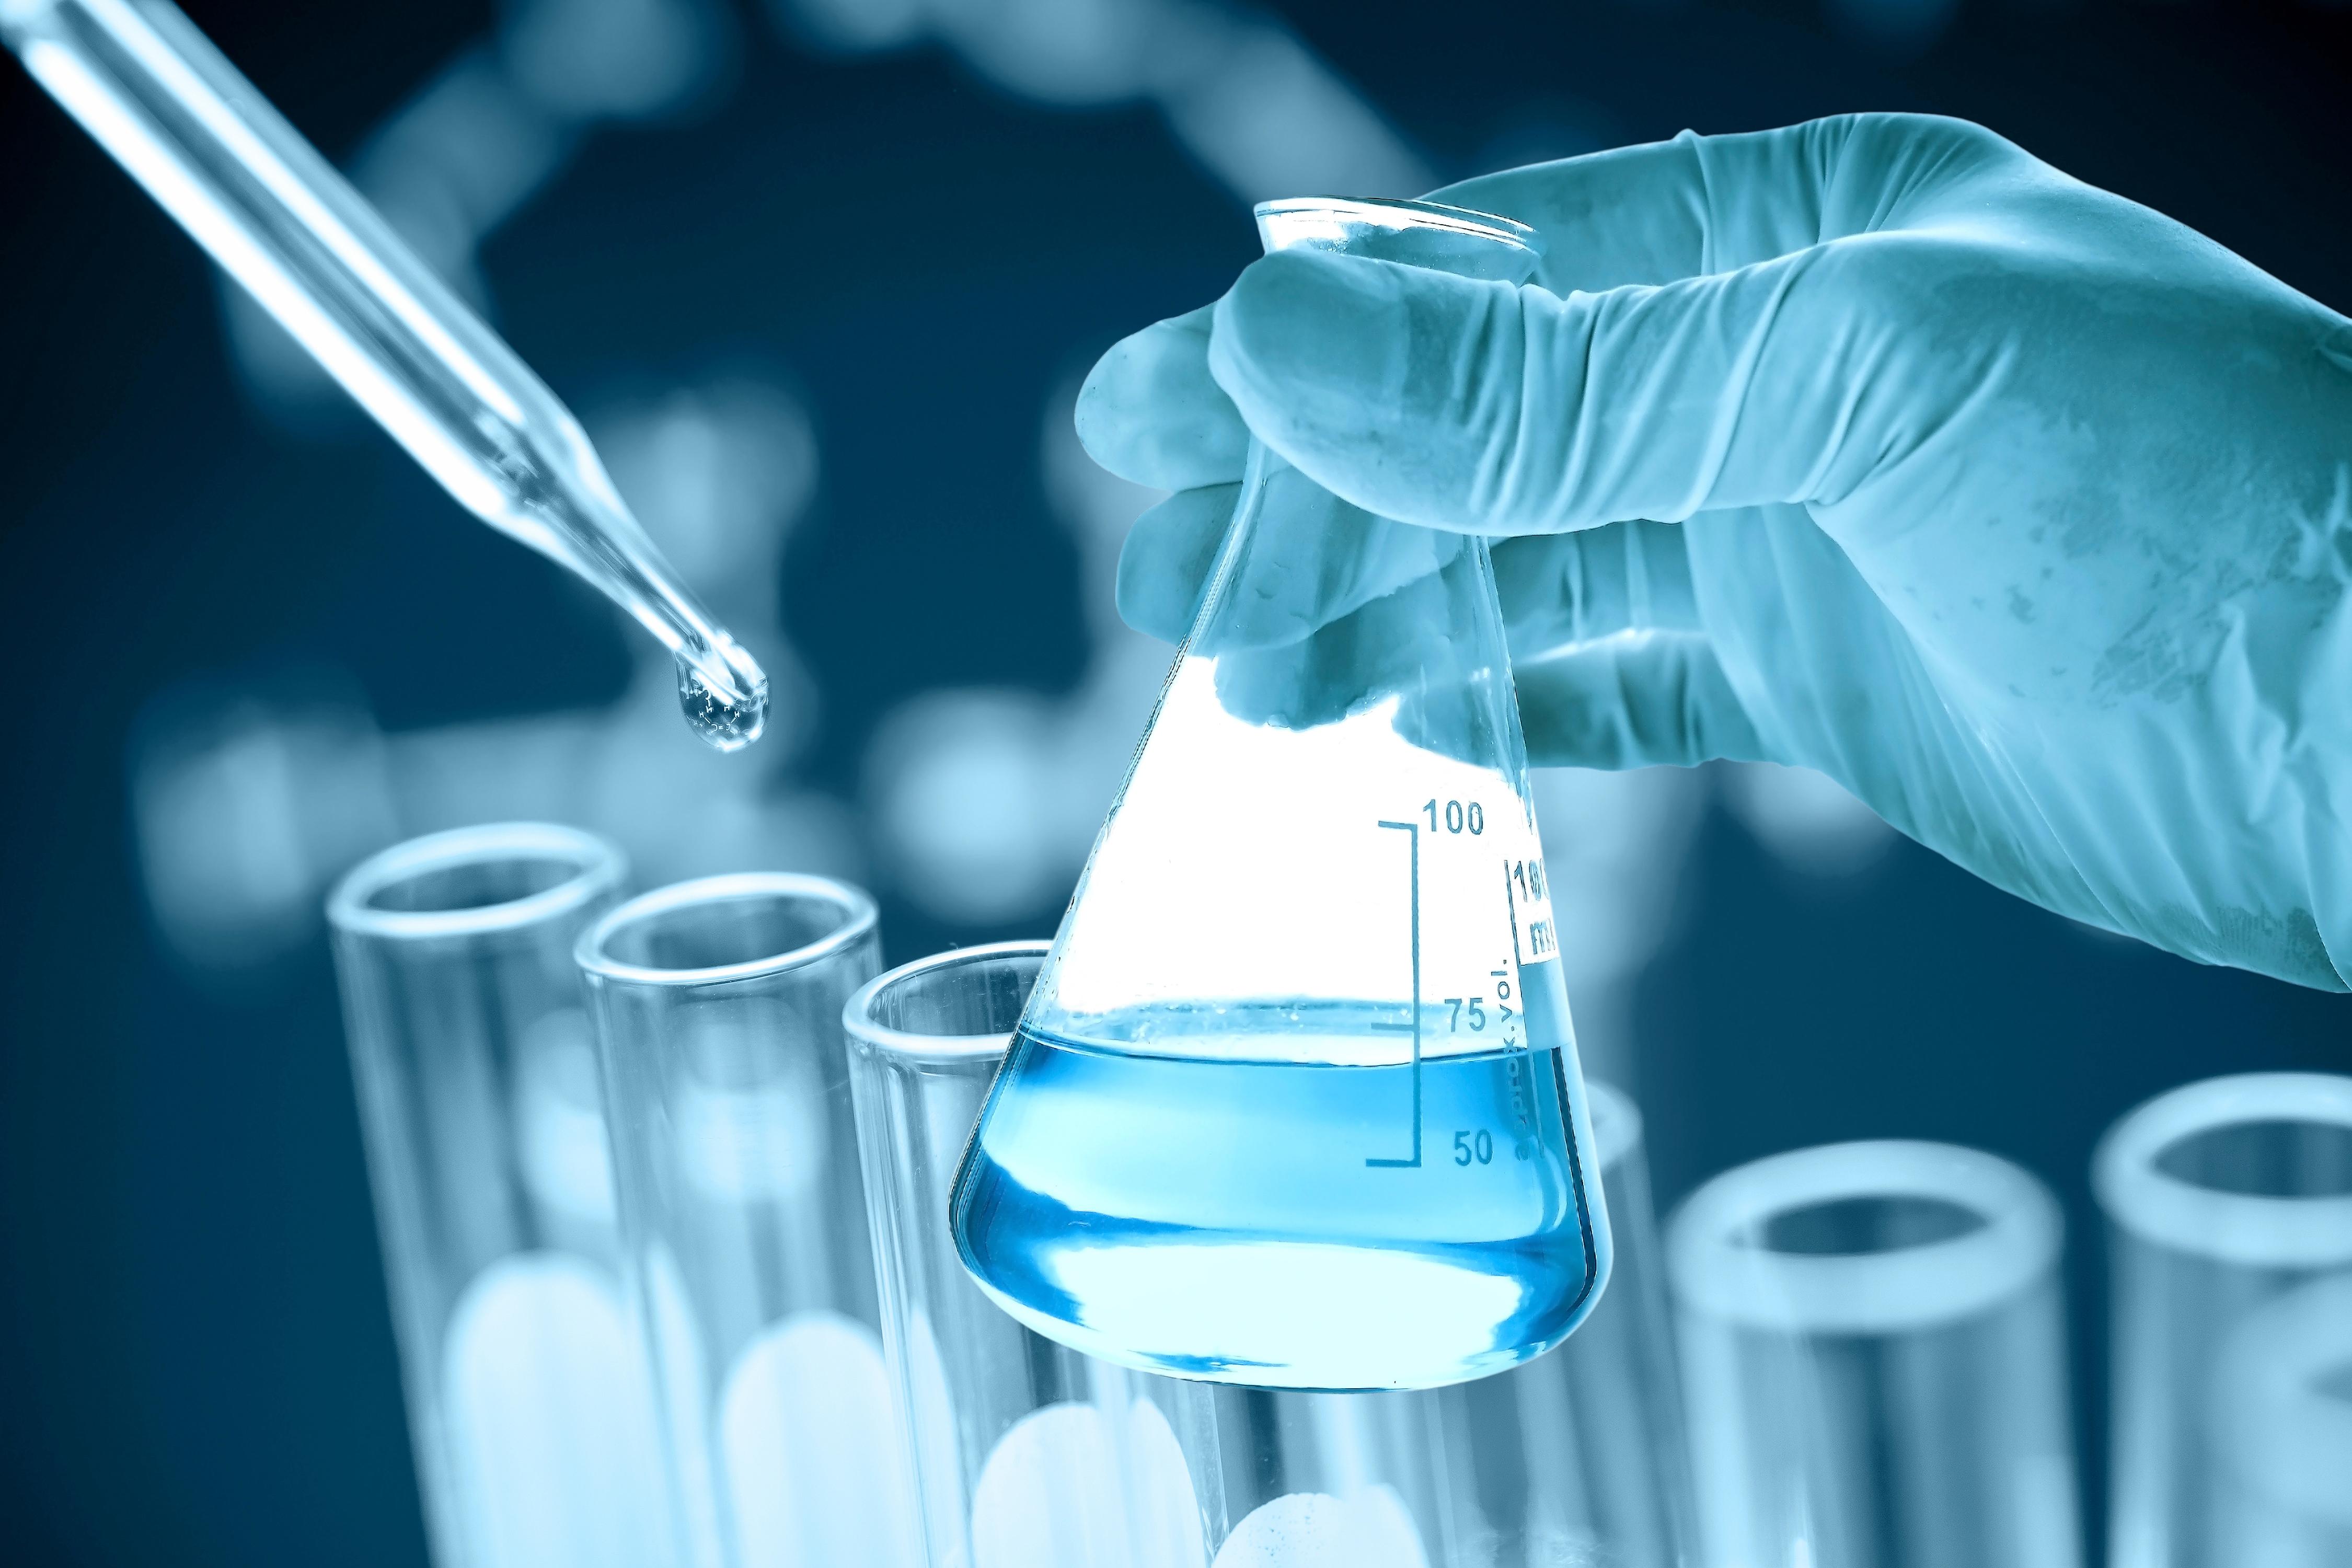 SMA ordena Medida Provisional de suspensión parcial a  ETFA ALS Life Sciences Chile S.A.